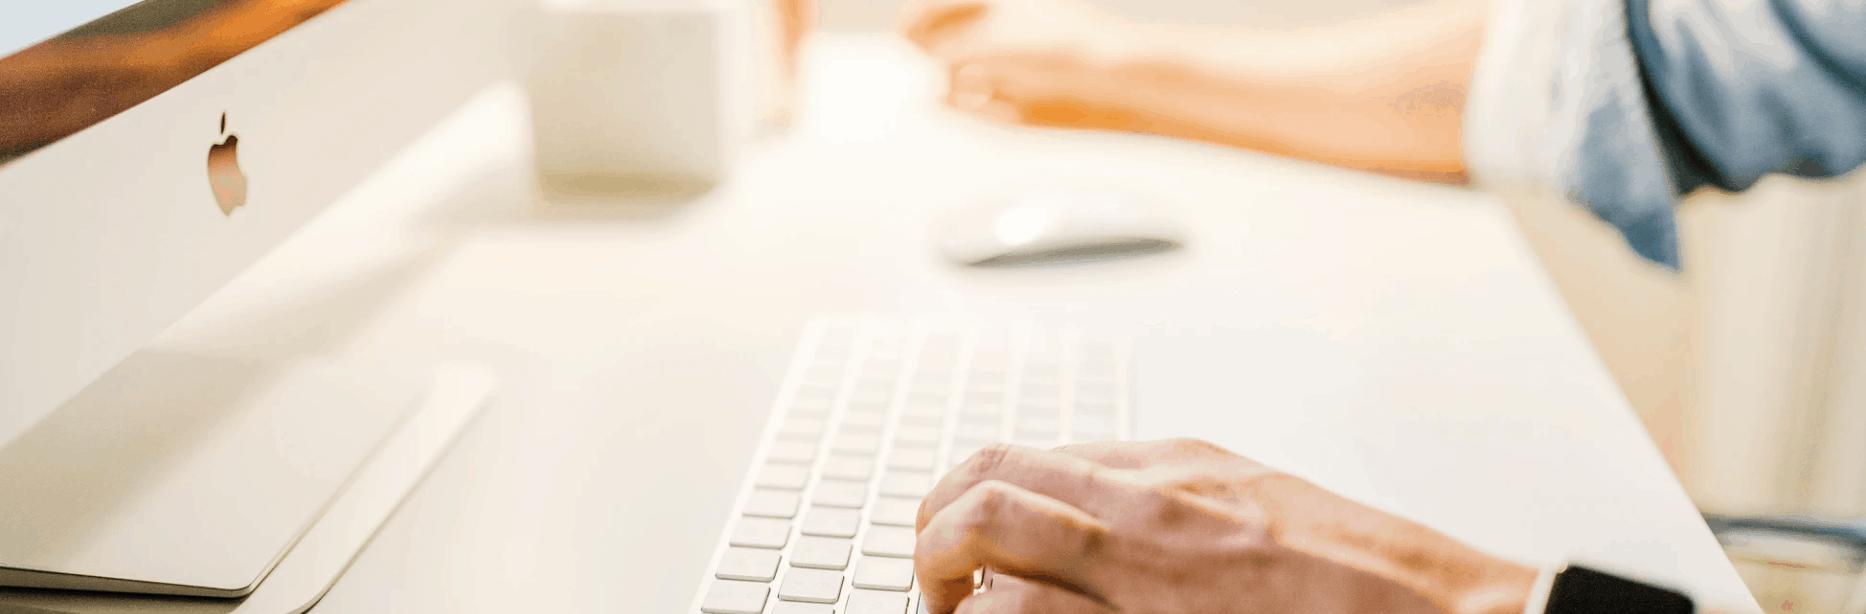 Datenbank E-Commerce Unternehmen